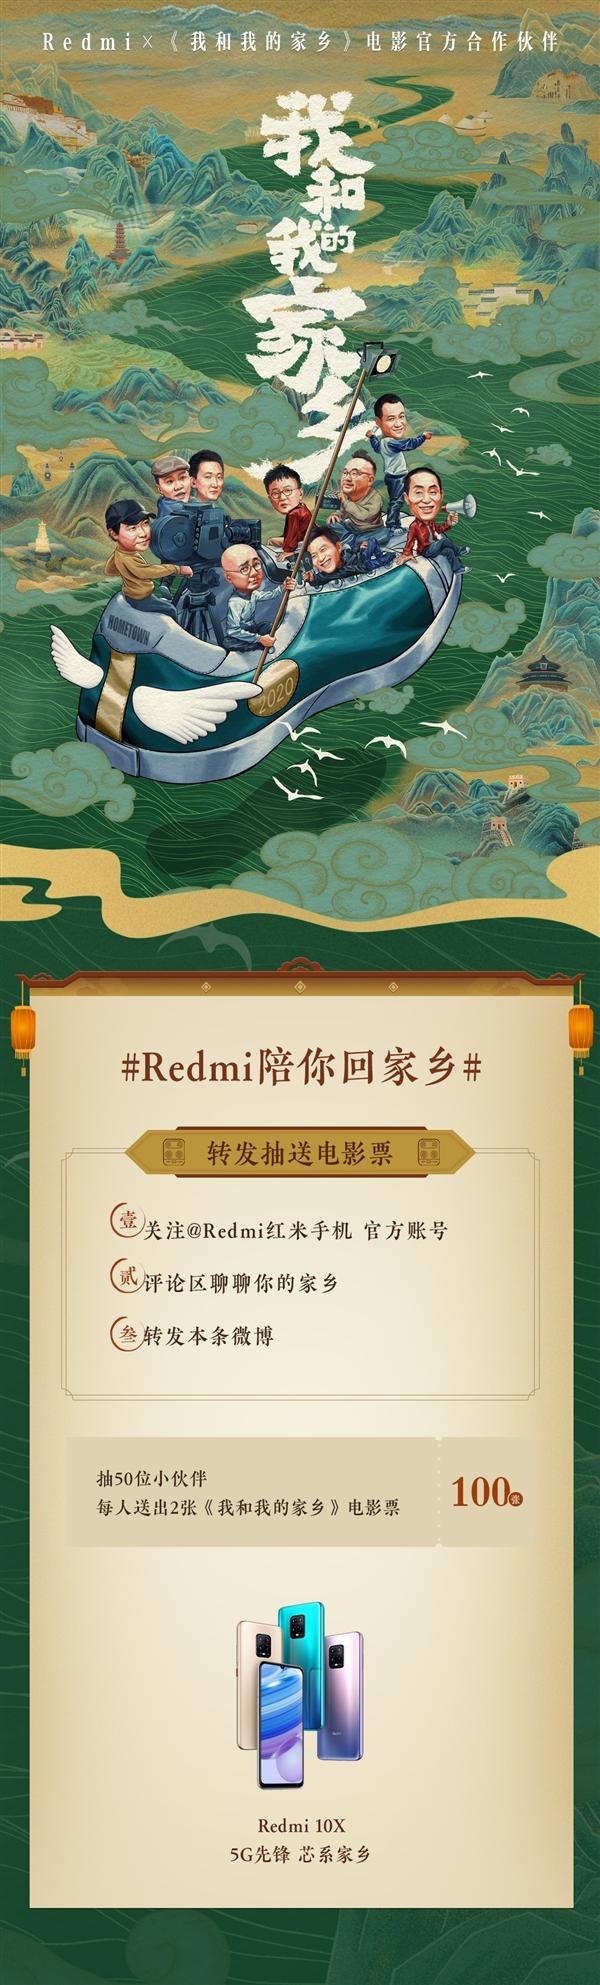 Redmi冠名赞助!张艺谋监制电影《我和我的家乡》十一首映